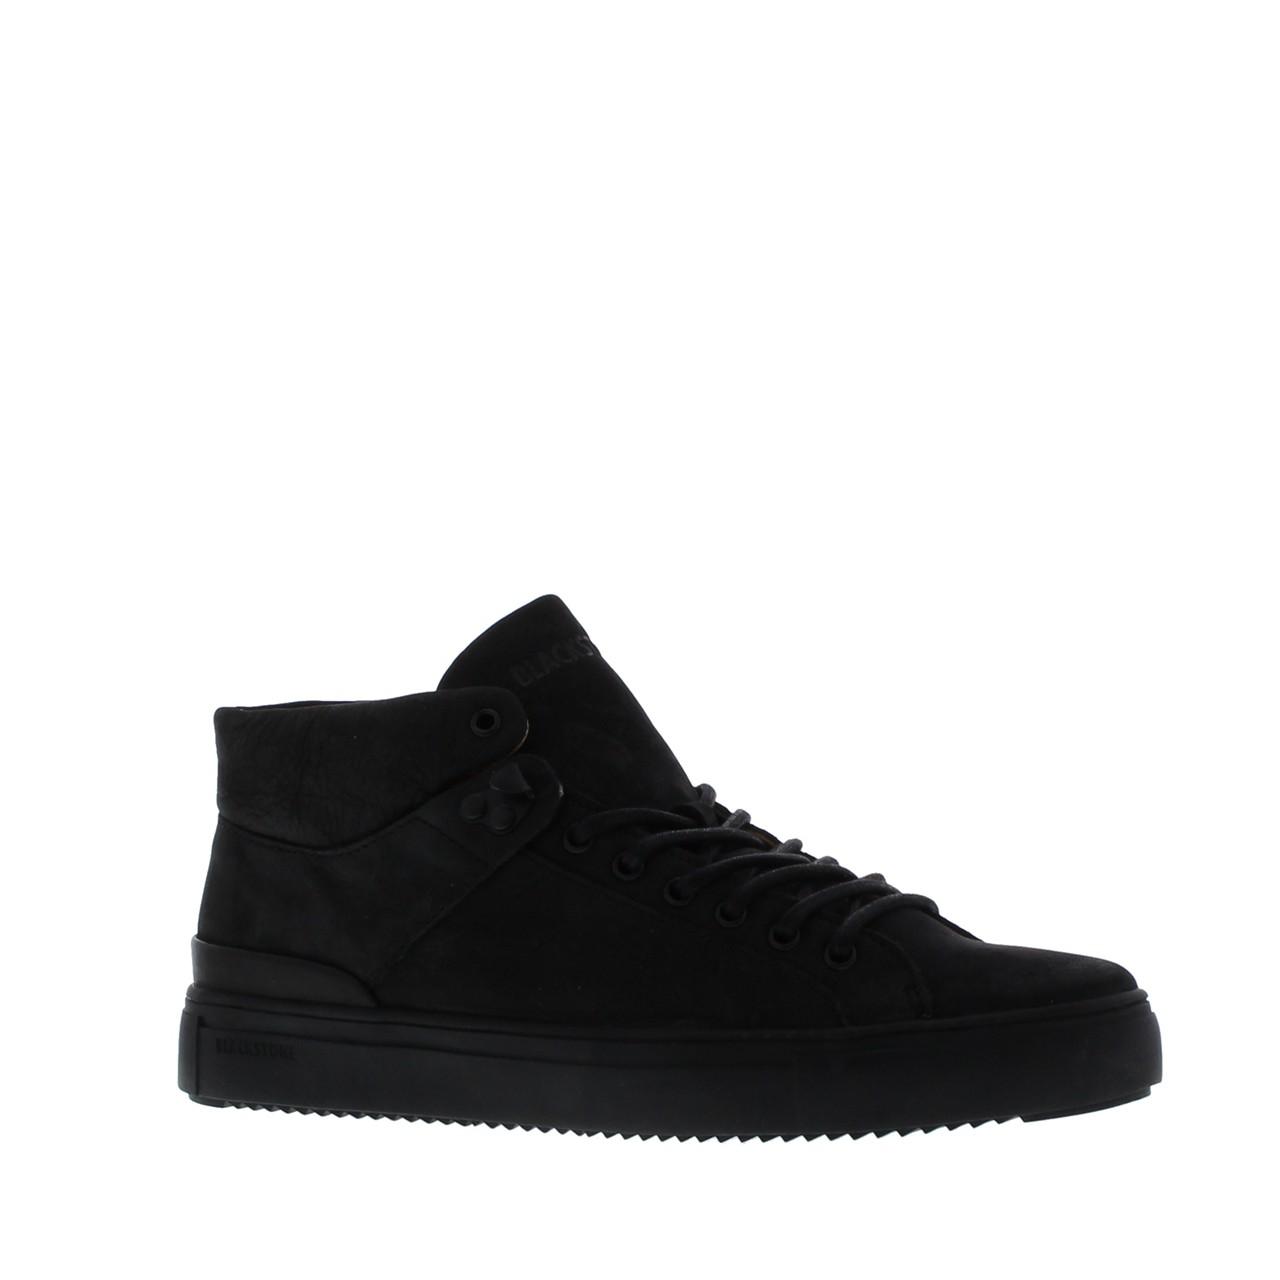 Afbeelding van Blackstone Boots 161-5-345 zwart